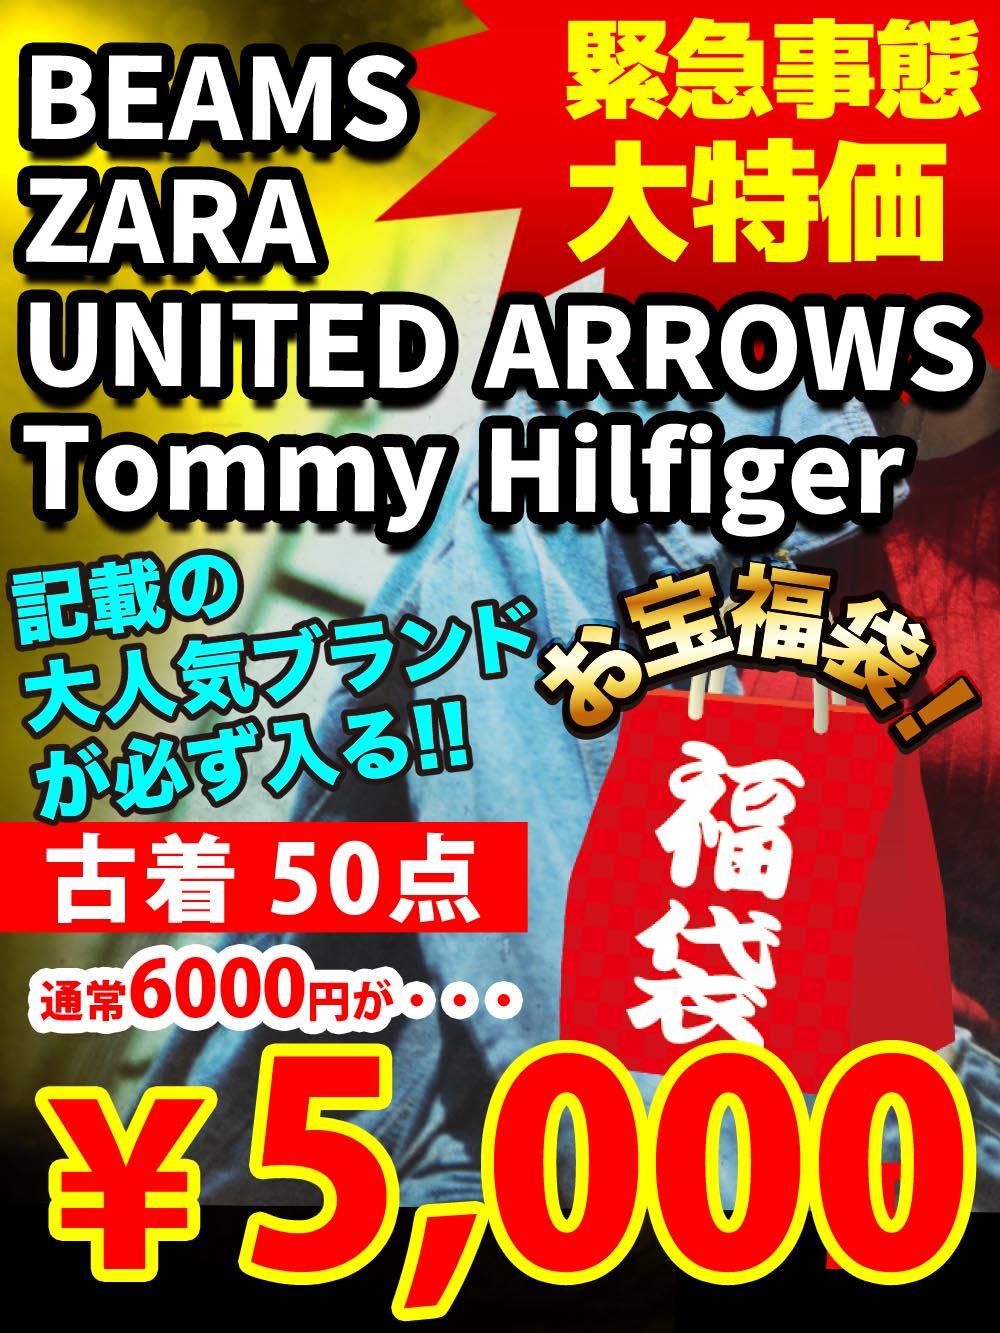 【今回限り5000円】BEAMS・ZARA・UNITED ARROWS・Tommy Hilfiger】記載の大人気ブランドが必ずはいるお宝古着福袋!【50点】